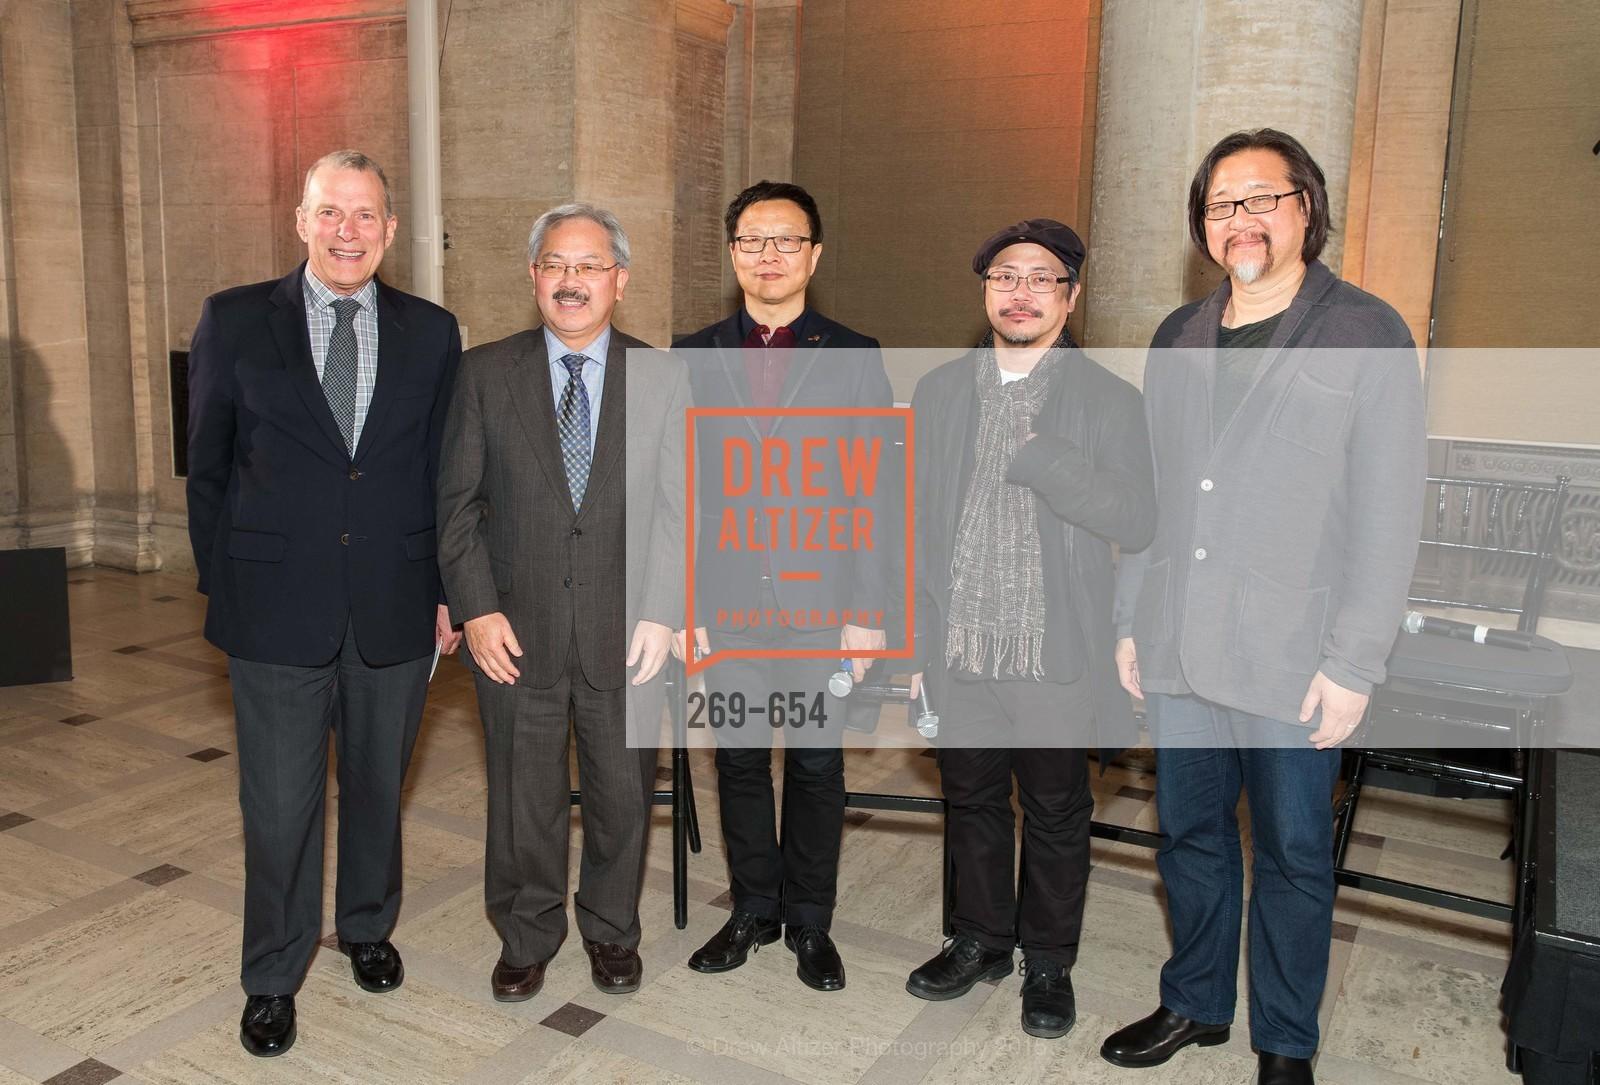 Ed Lee, David Gockley, Bright Sheng, Tim Yip, Stan Lai, San Francisco Opera Celebrates